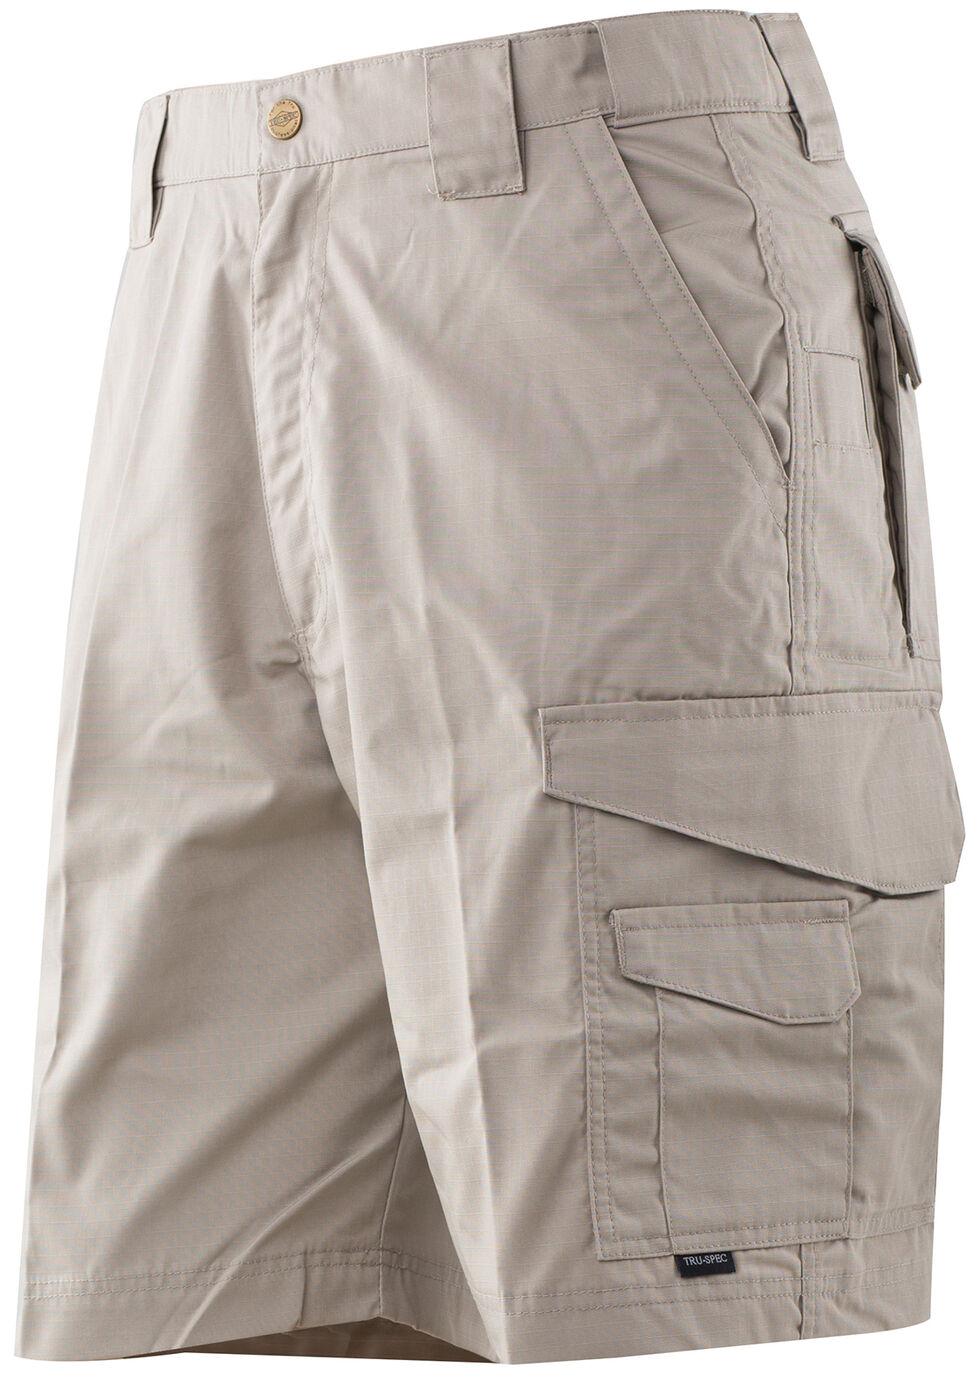 Tru-Spec Men's 24-7 Series Shorts, Khaki, hi-res